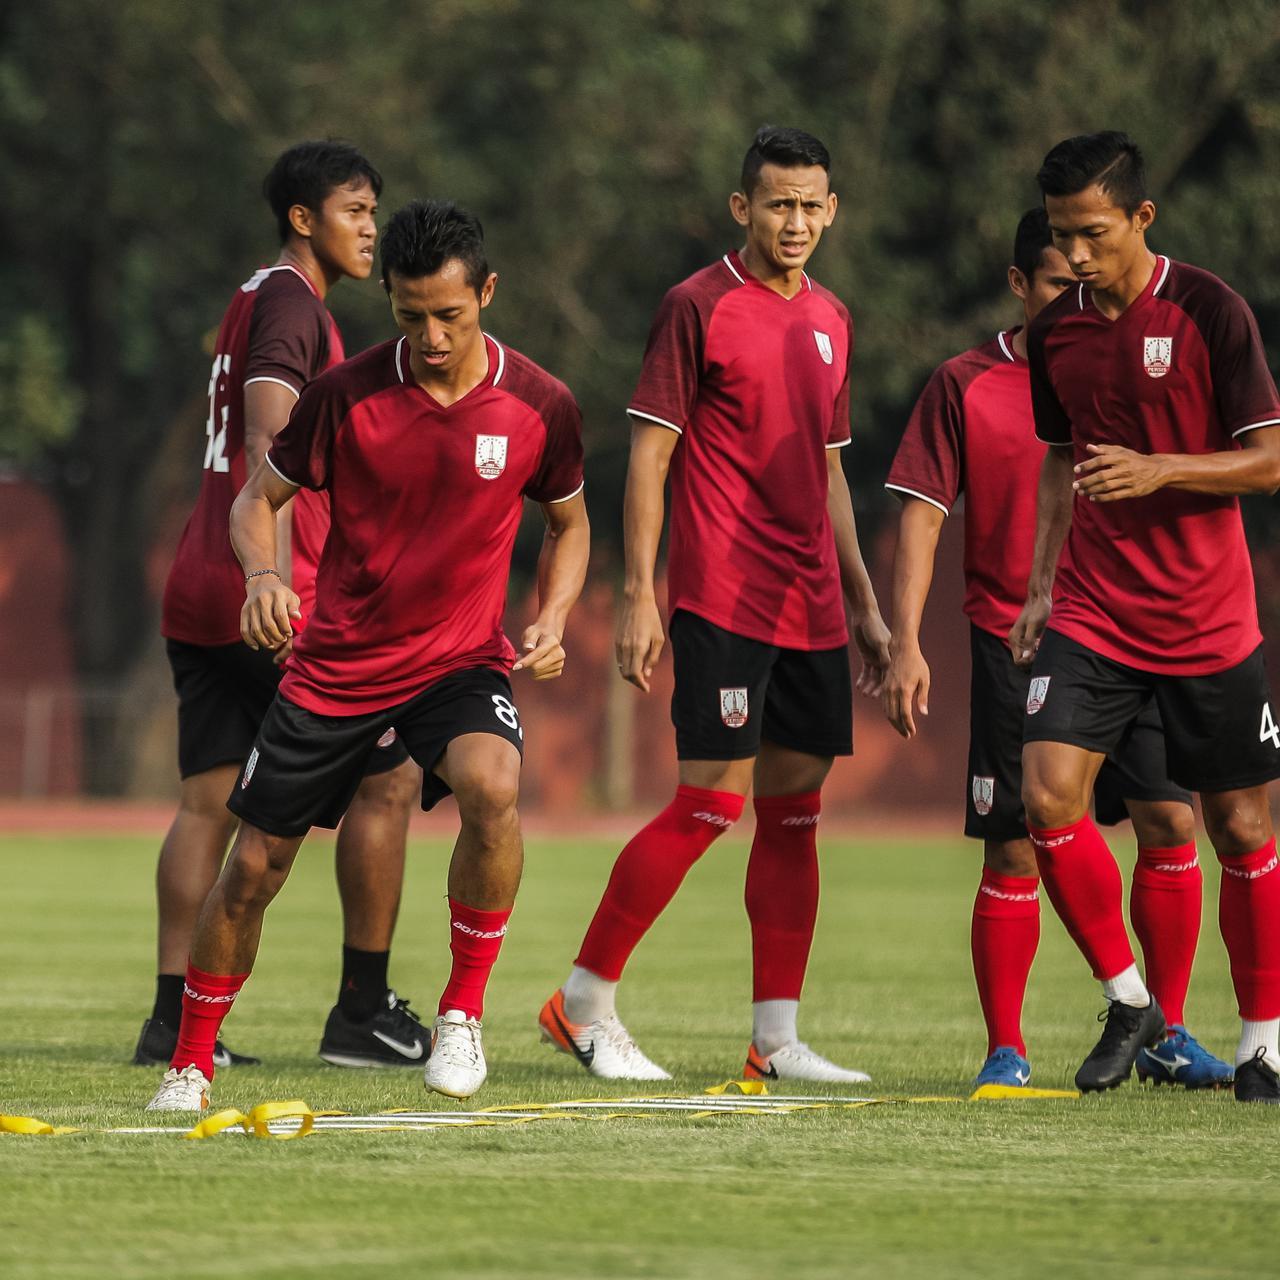 PT LIB UMUMKAN JADWAL GRUP B DAN C LIGA 2 2021: PERSIS VS PSG PATI, DEWA UNITED KONTRA RANS CILEGON FC